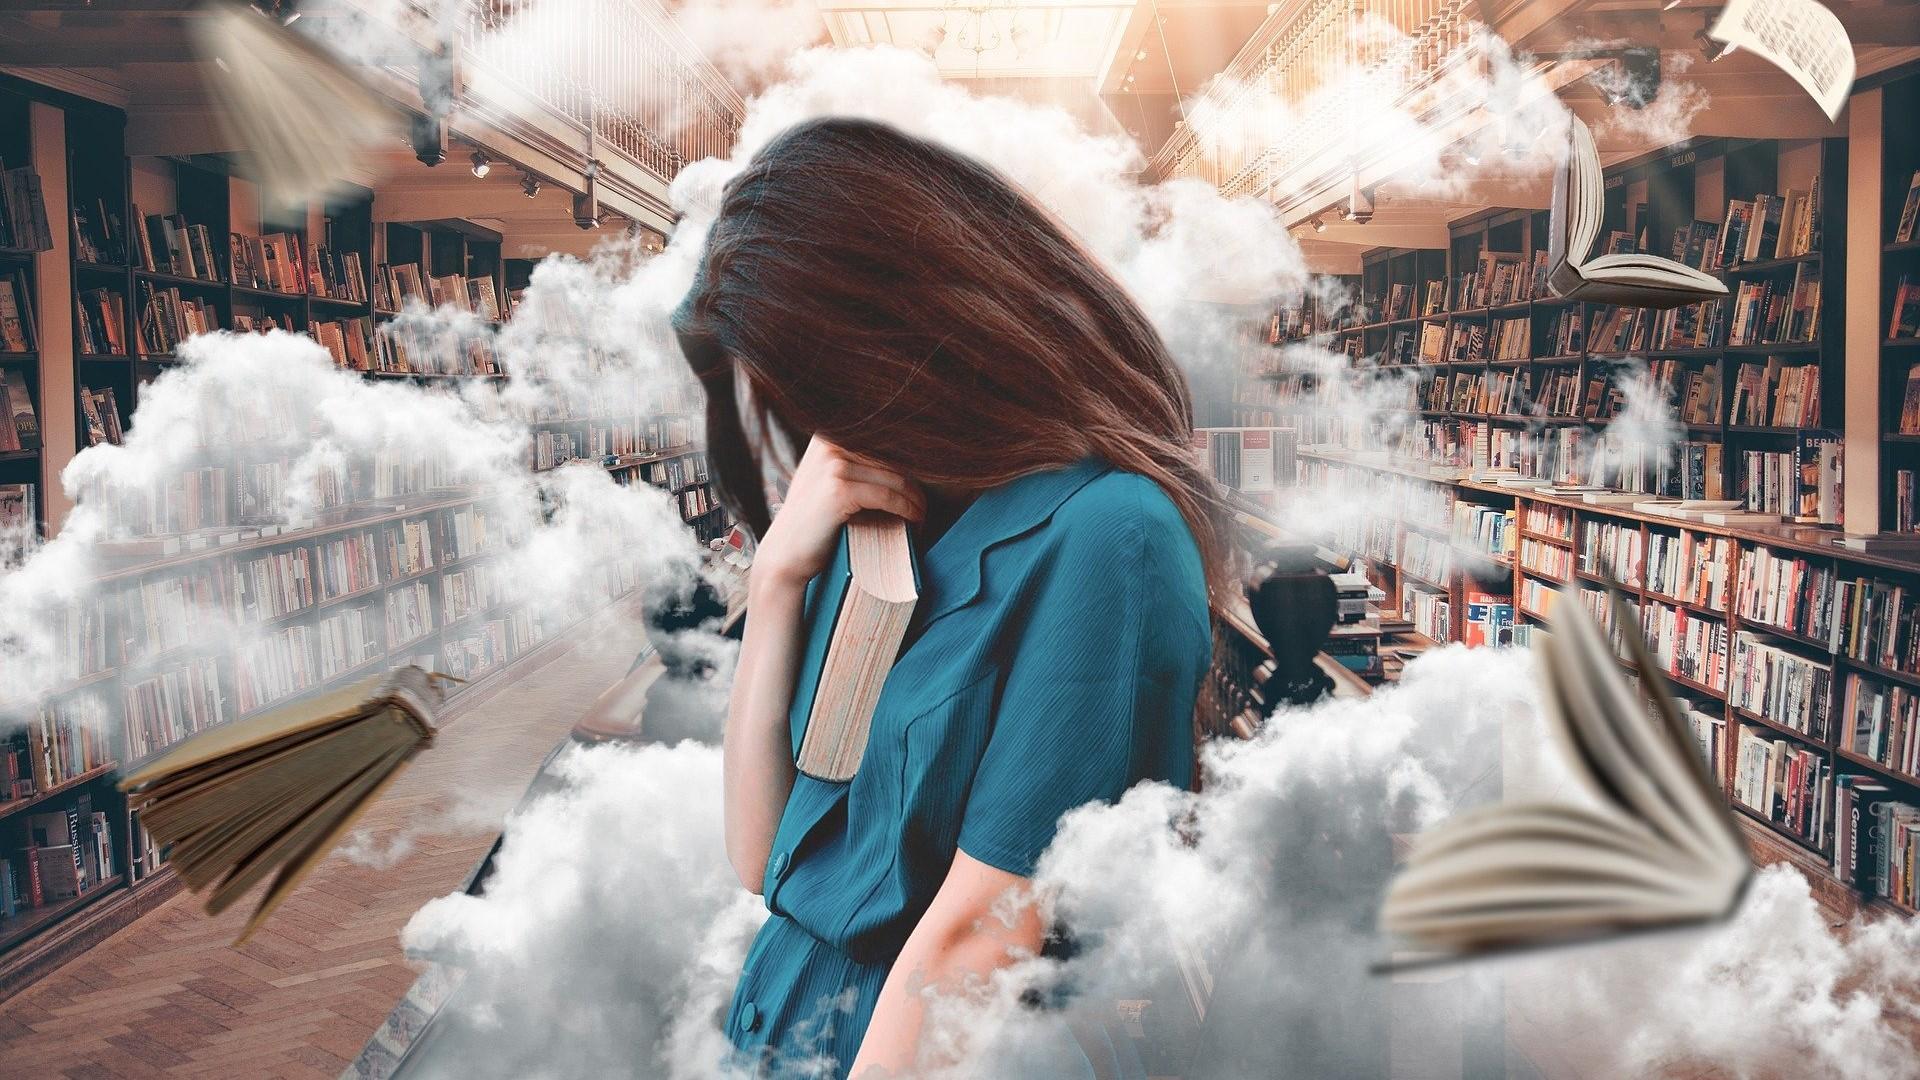 Bei einer Coping-Strategie geht es darum , wie man mit Stress und Belastungen umgeht.